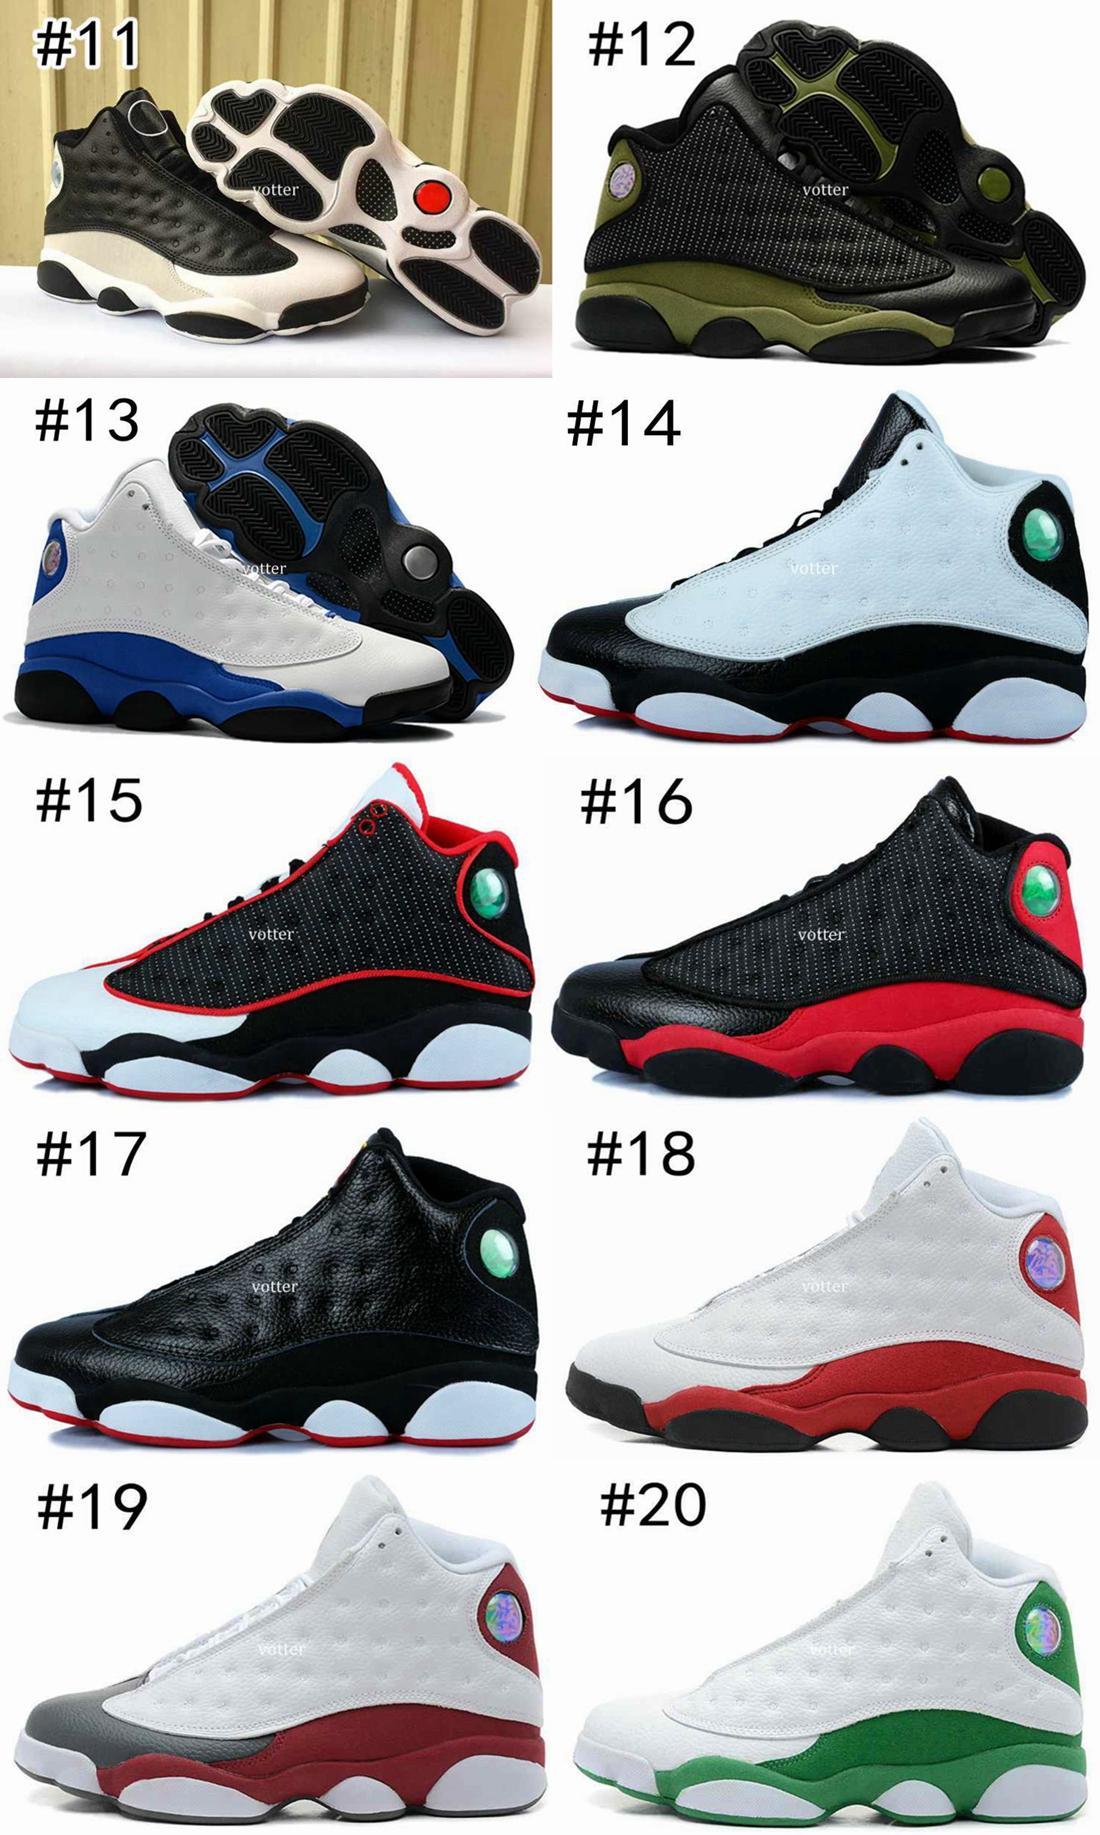 Hommes 13 Blé Olive Green Army Men Chaussures de basket, 13s DMP Black Cat bleu marine Chutney Héritière Vin rouge sport Chaussures de sport Taille 7-13